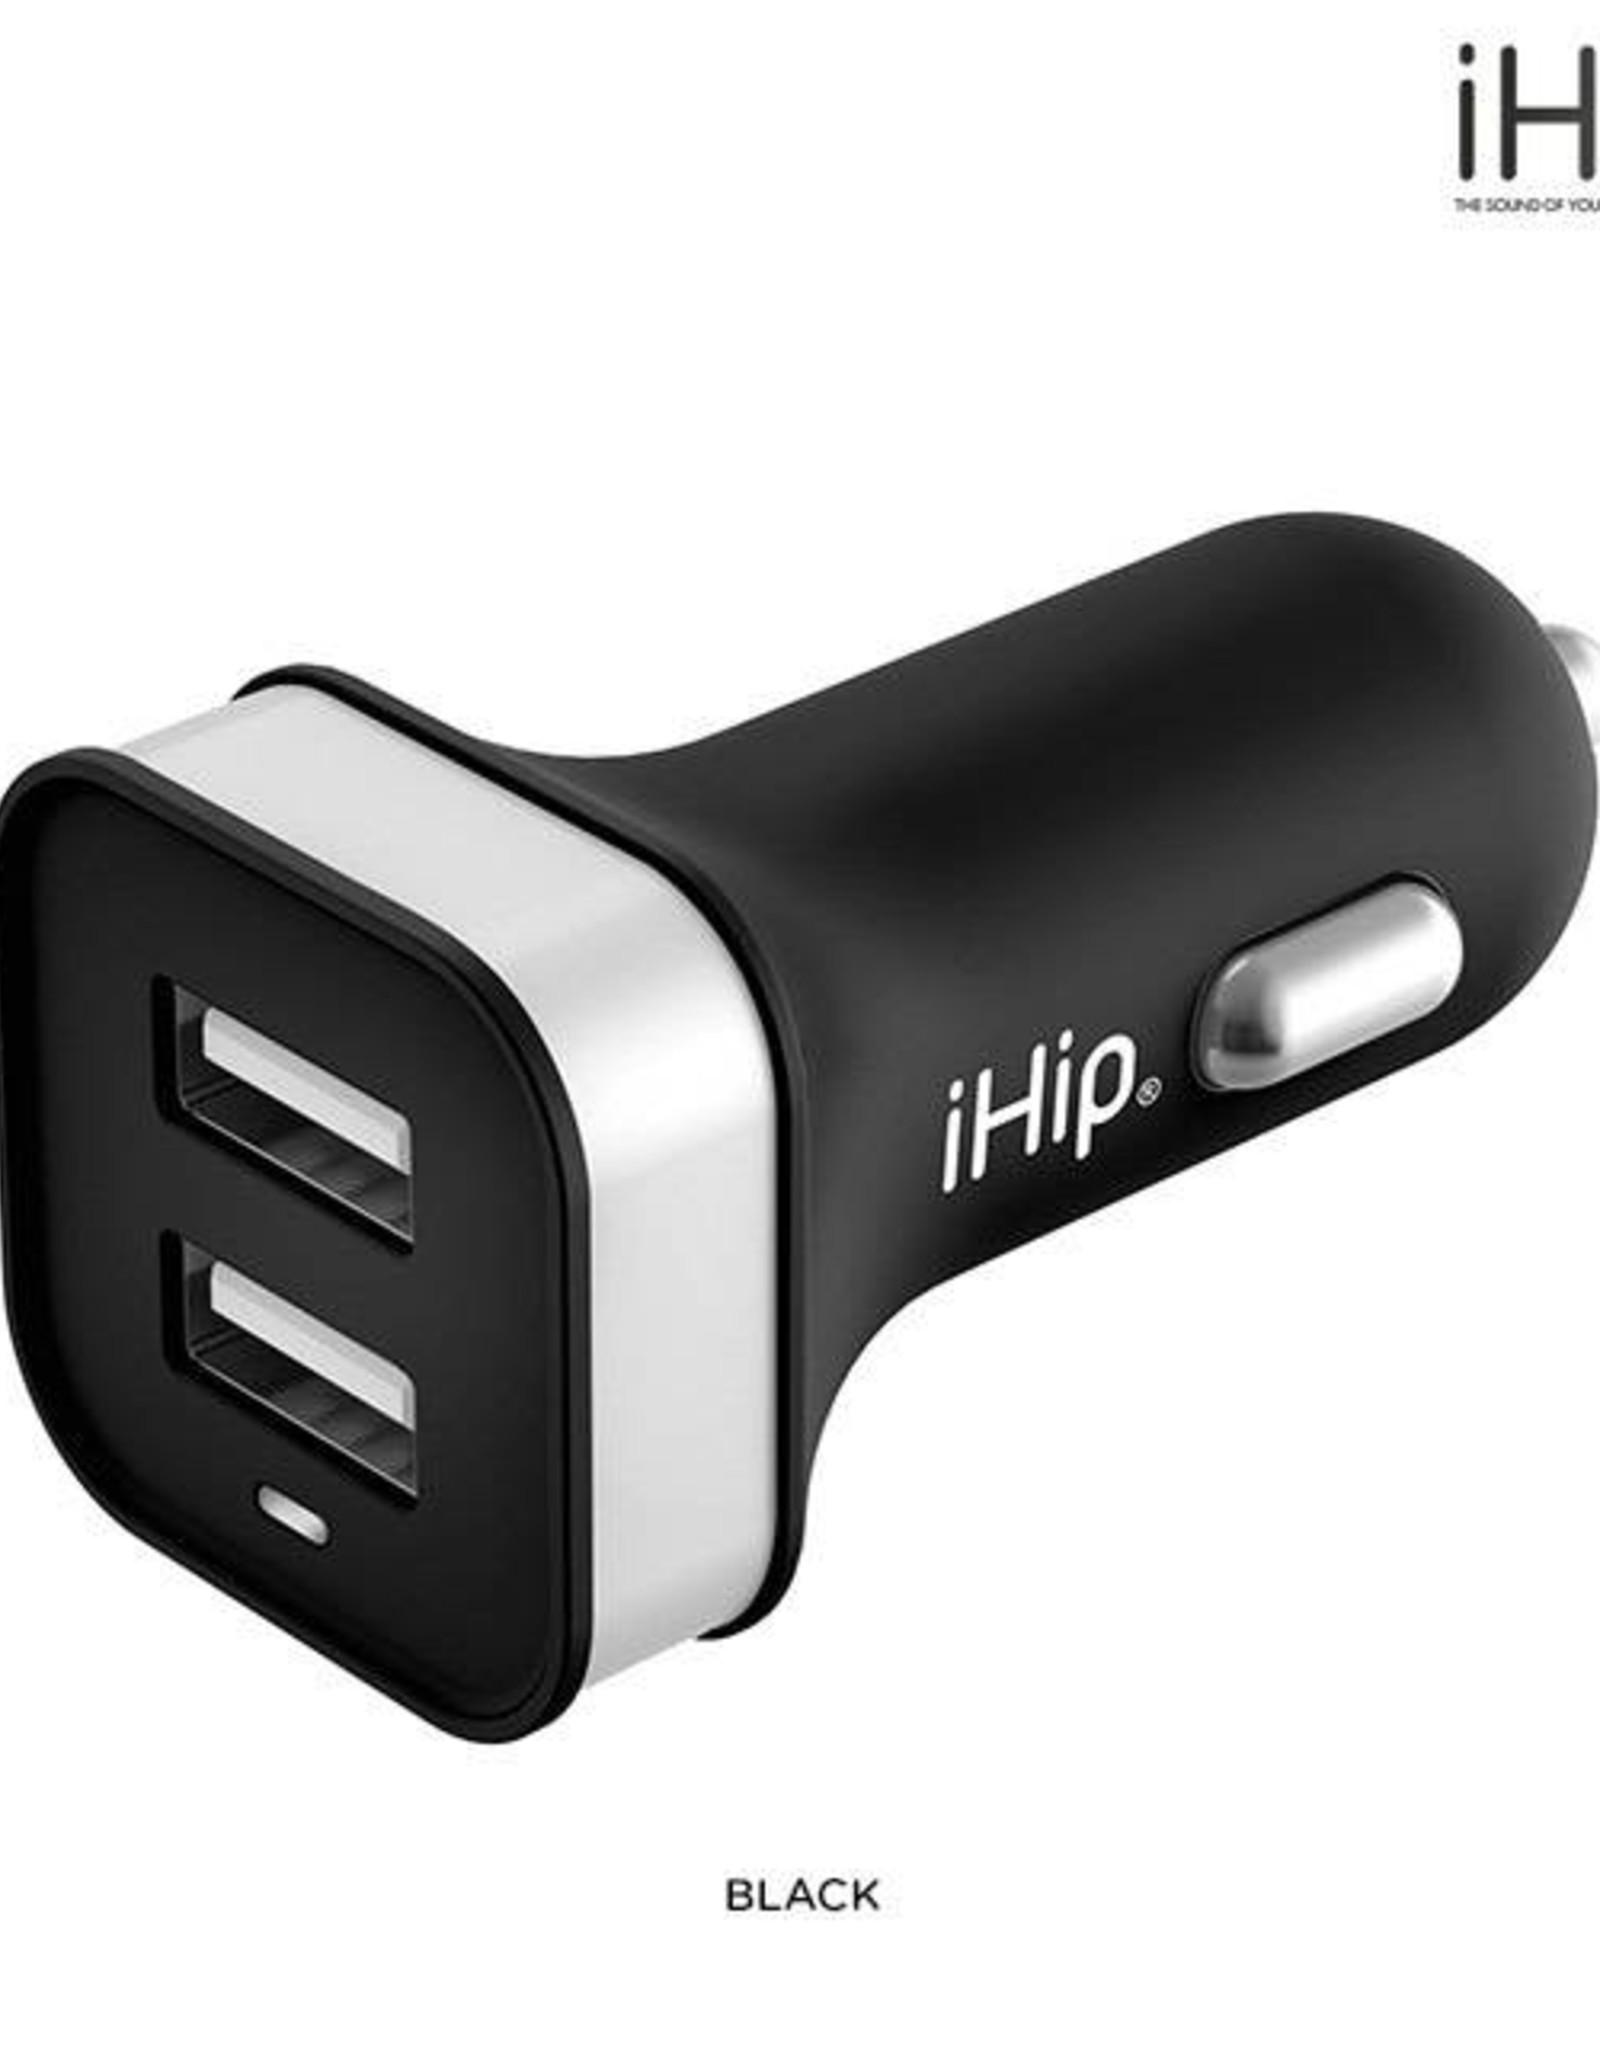 ARAGOM 2 Port USB Car Charger 3.4 A